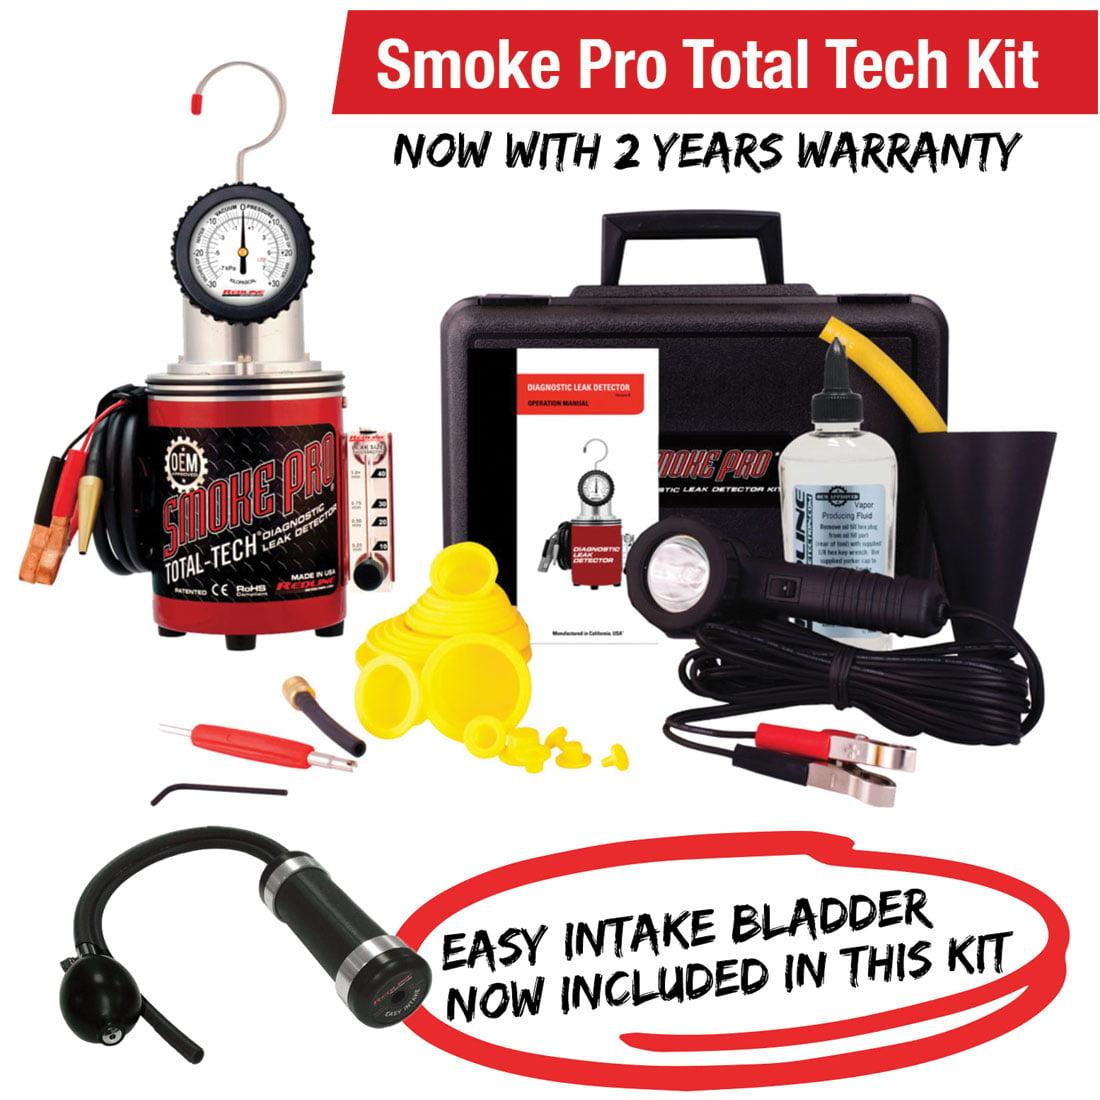 redline-smoke-pro-total-tech